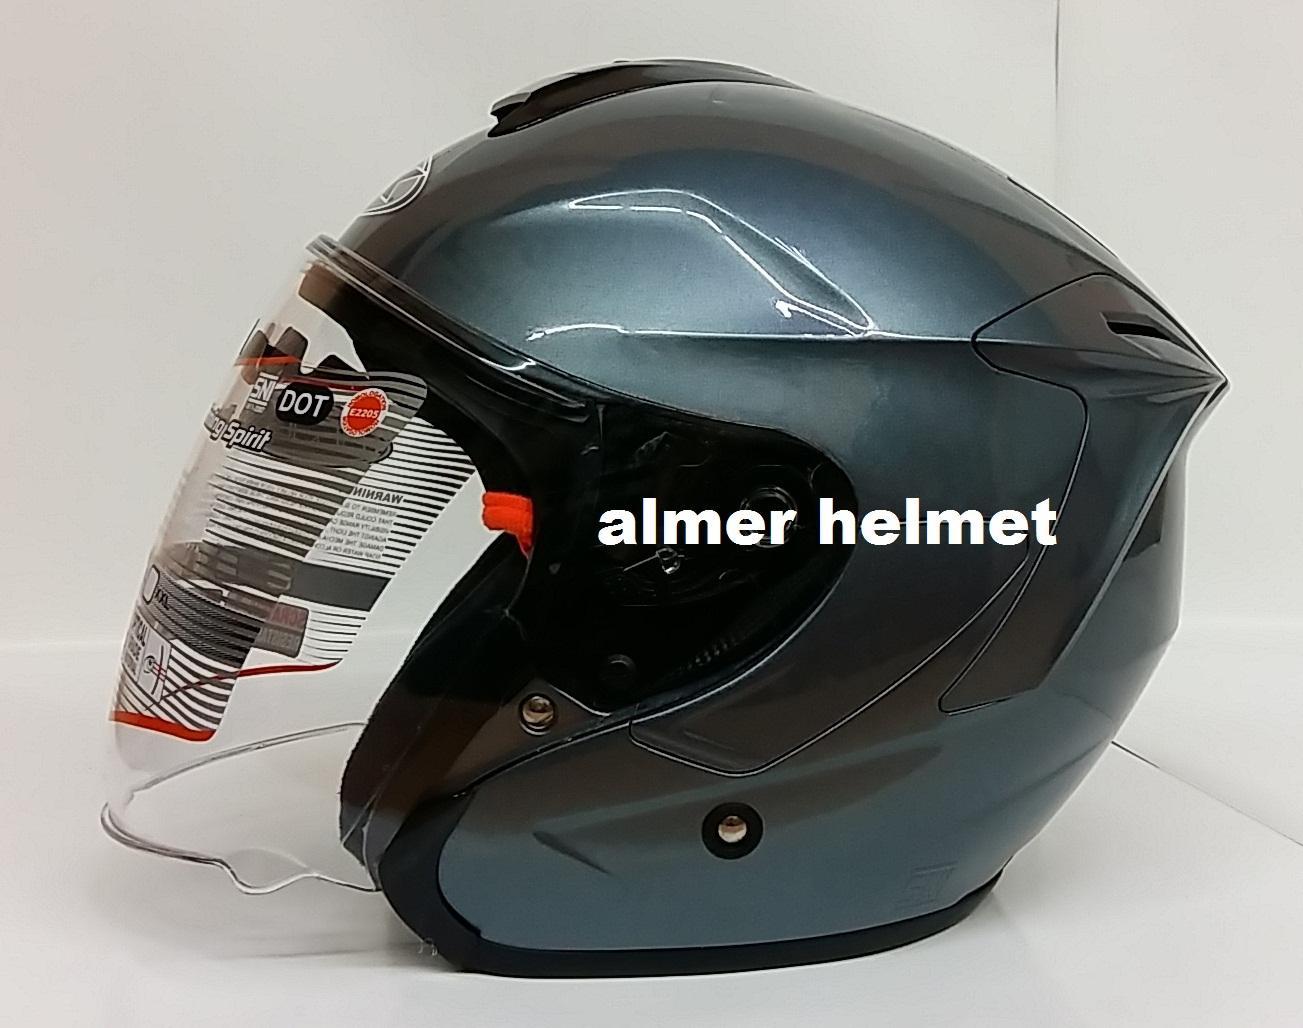 Kehebatan Helm Ink Cl Max Solid Black Dop Full Face Dan Harga Update Visor Dark Smoke Dynamic Half All Grey Metalik